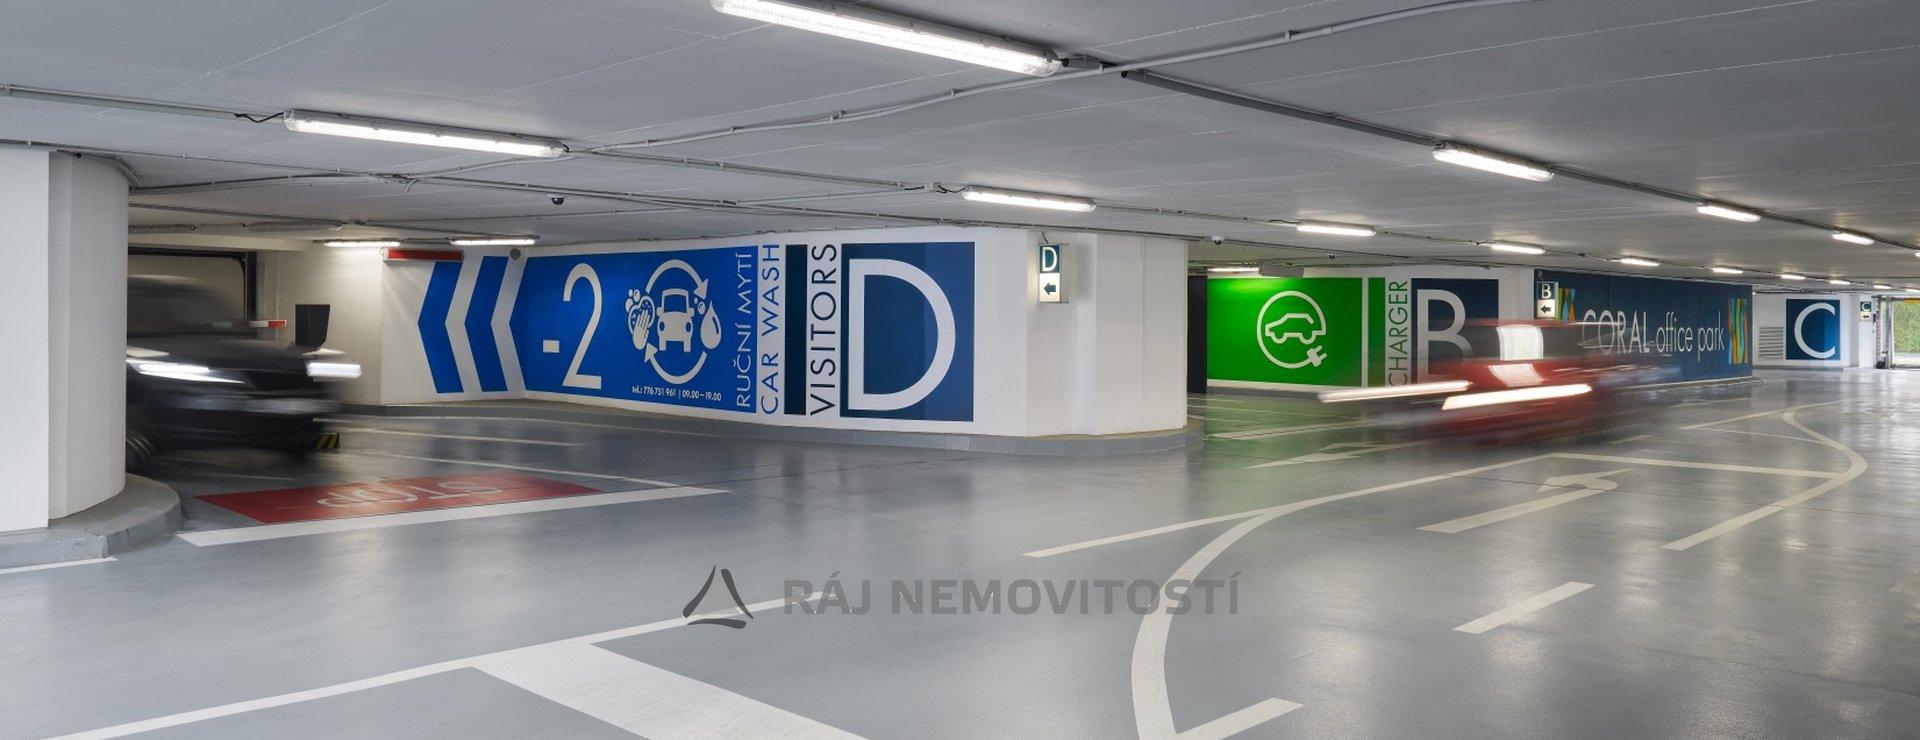 Garage entrance 2